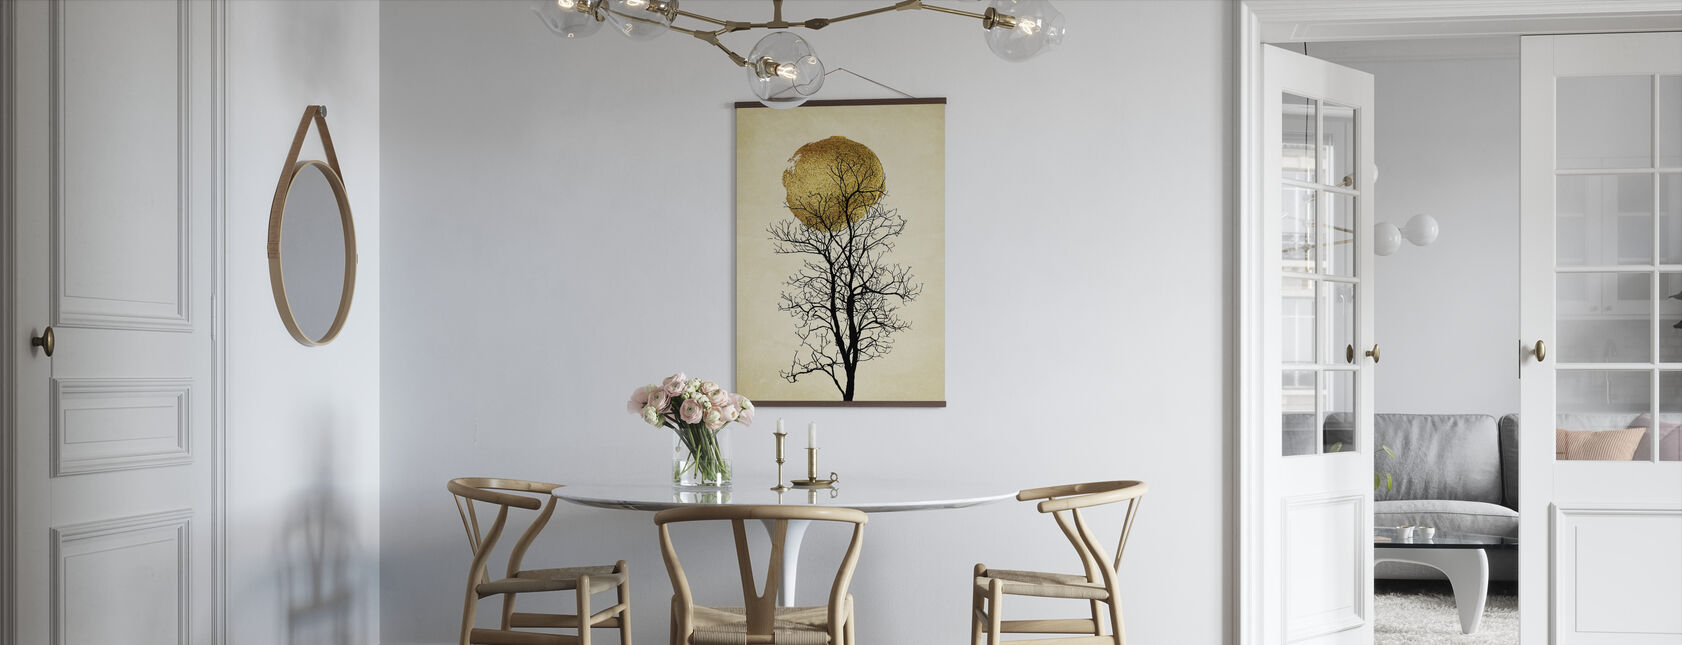 Maansopgang - Poster - Keuken